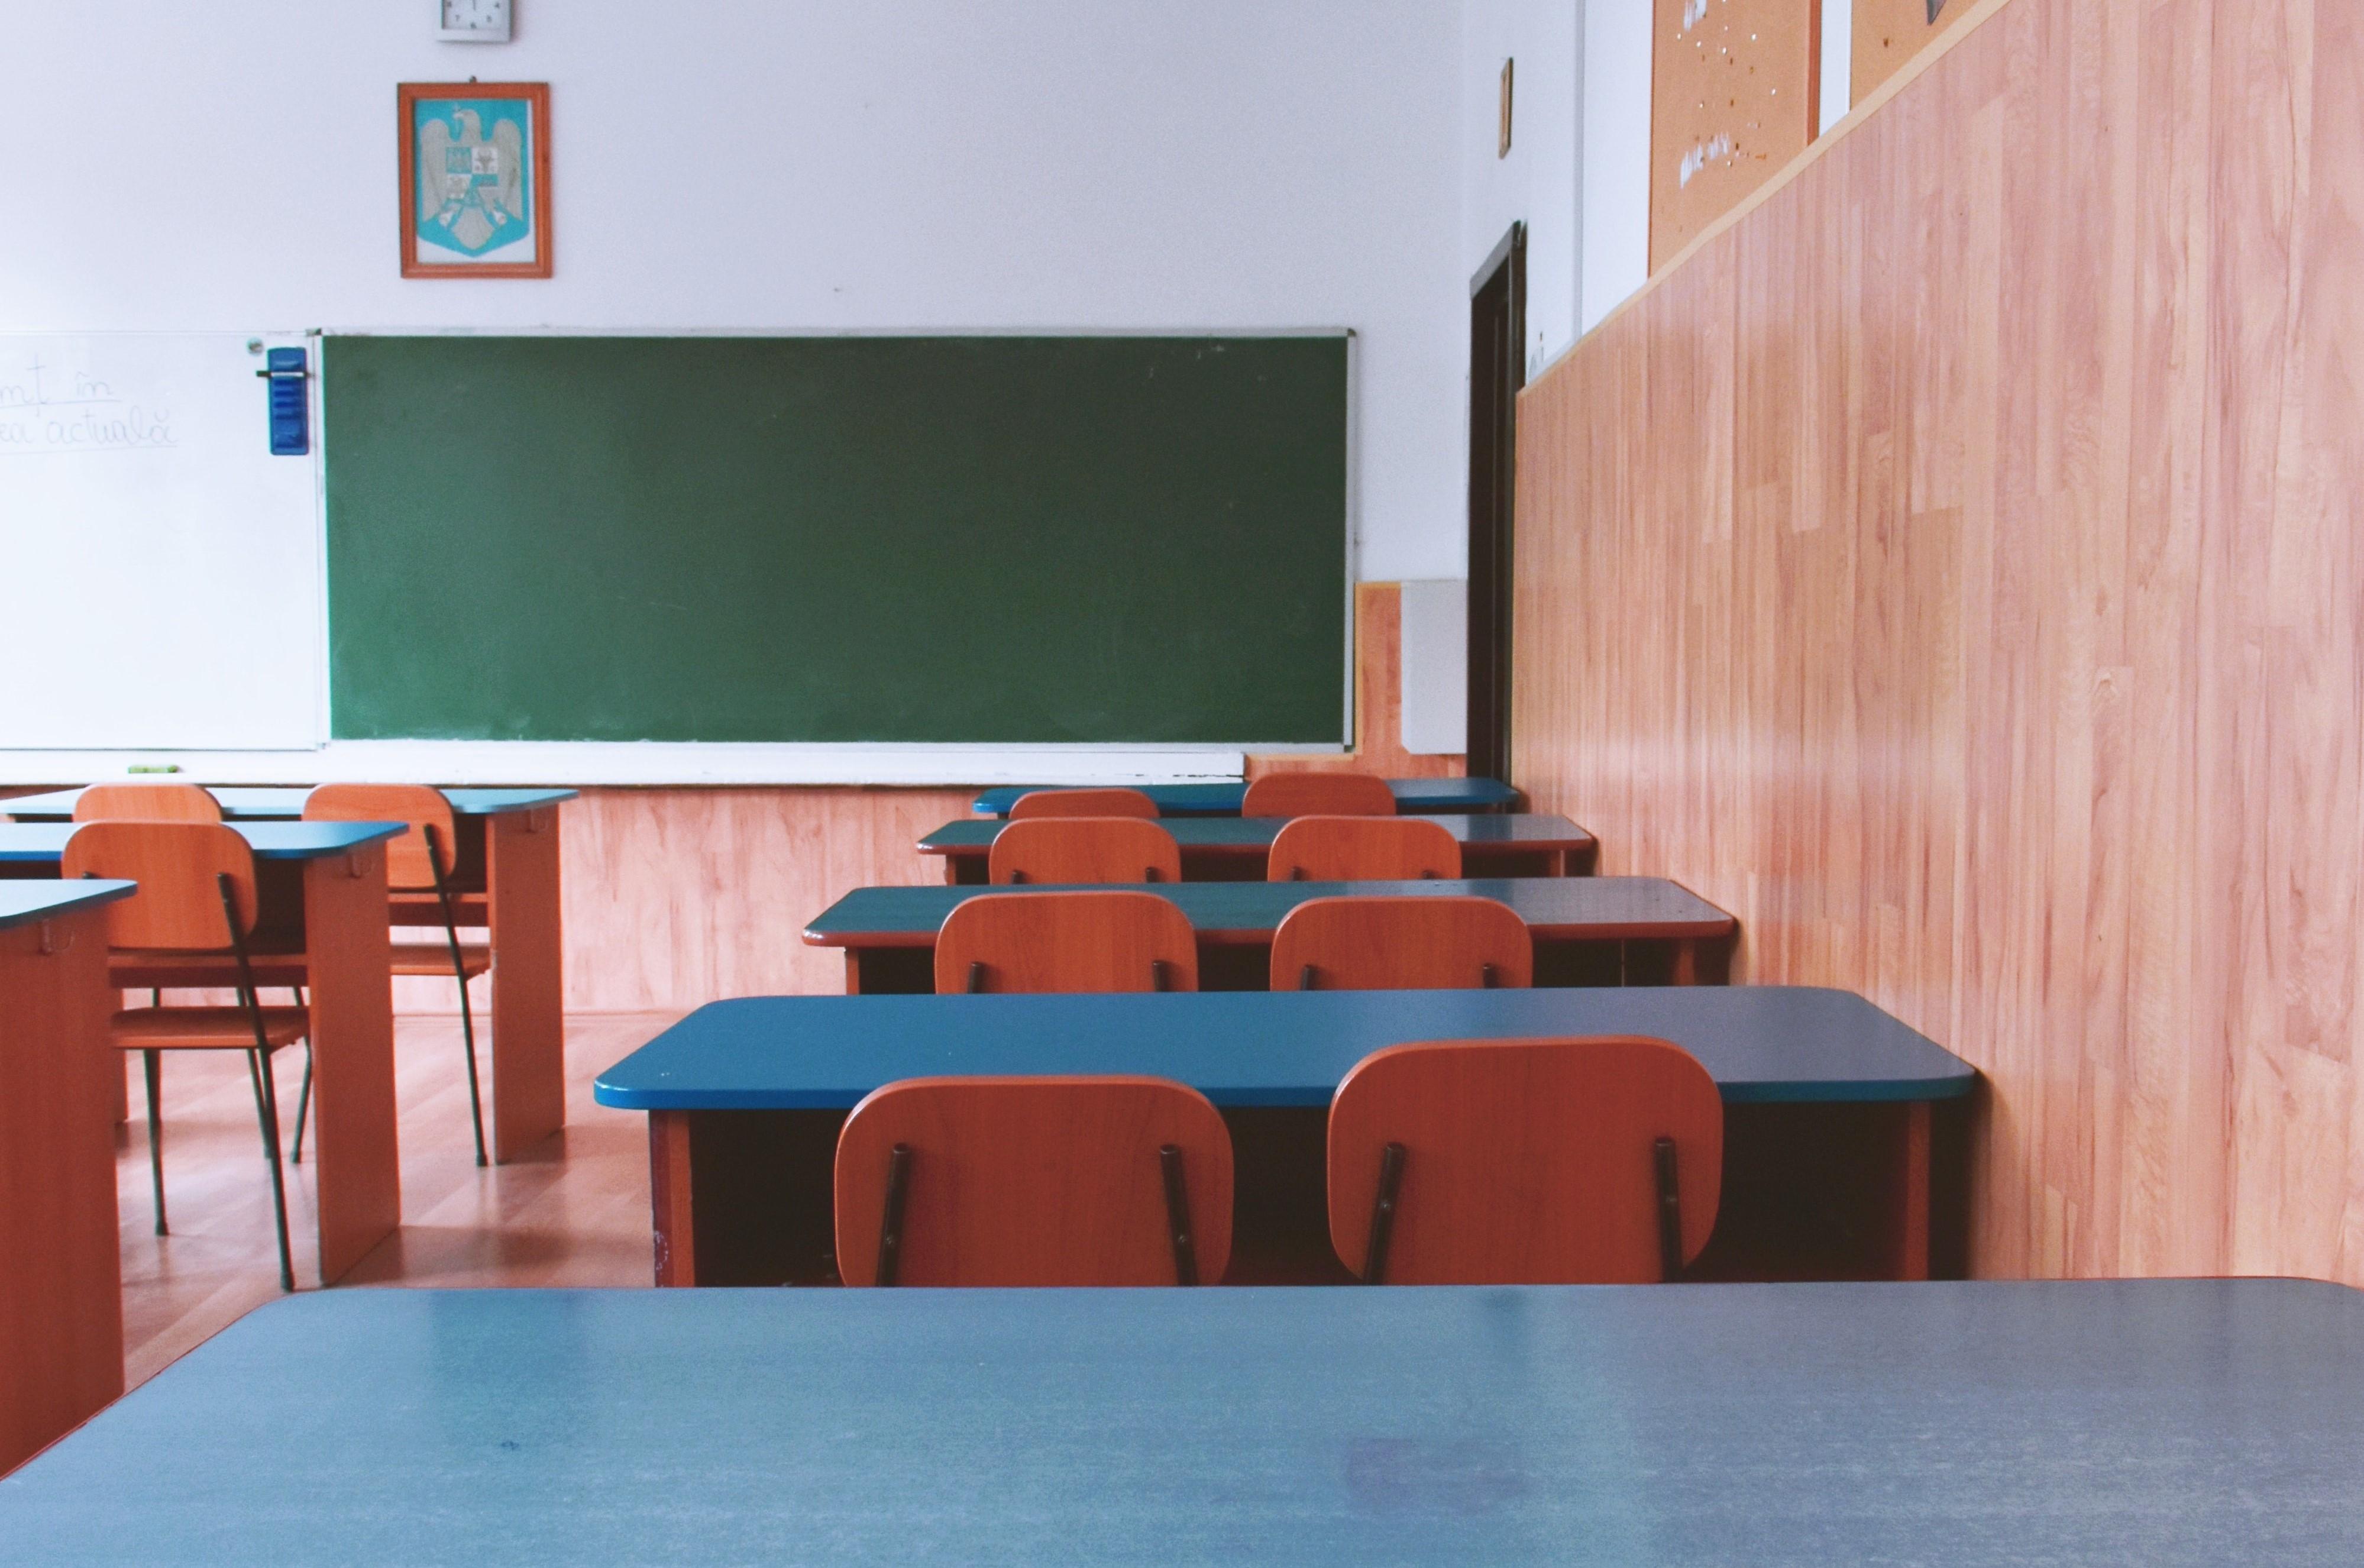 Iskola, óvoda, tanterem, vagy más oktatási intézmény burkolás